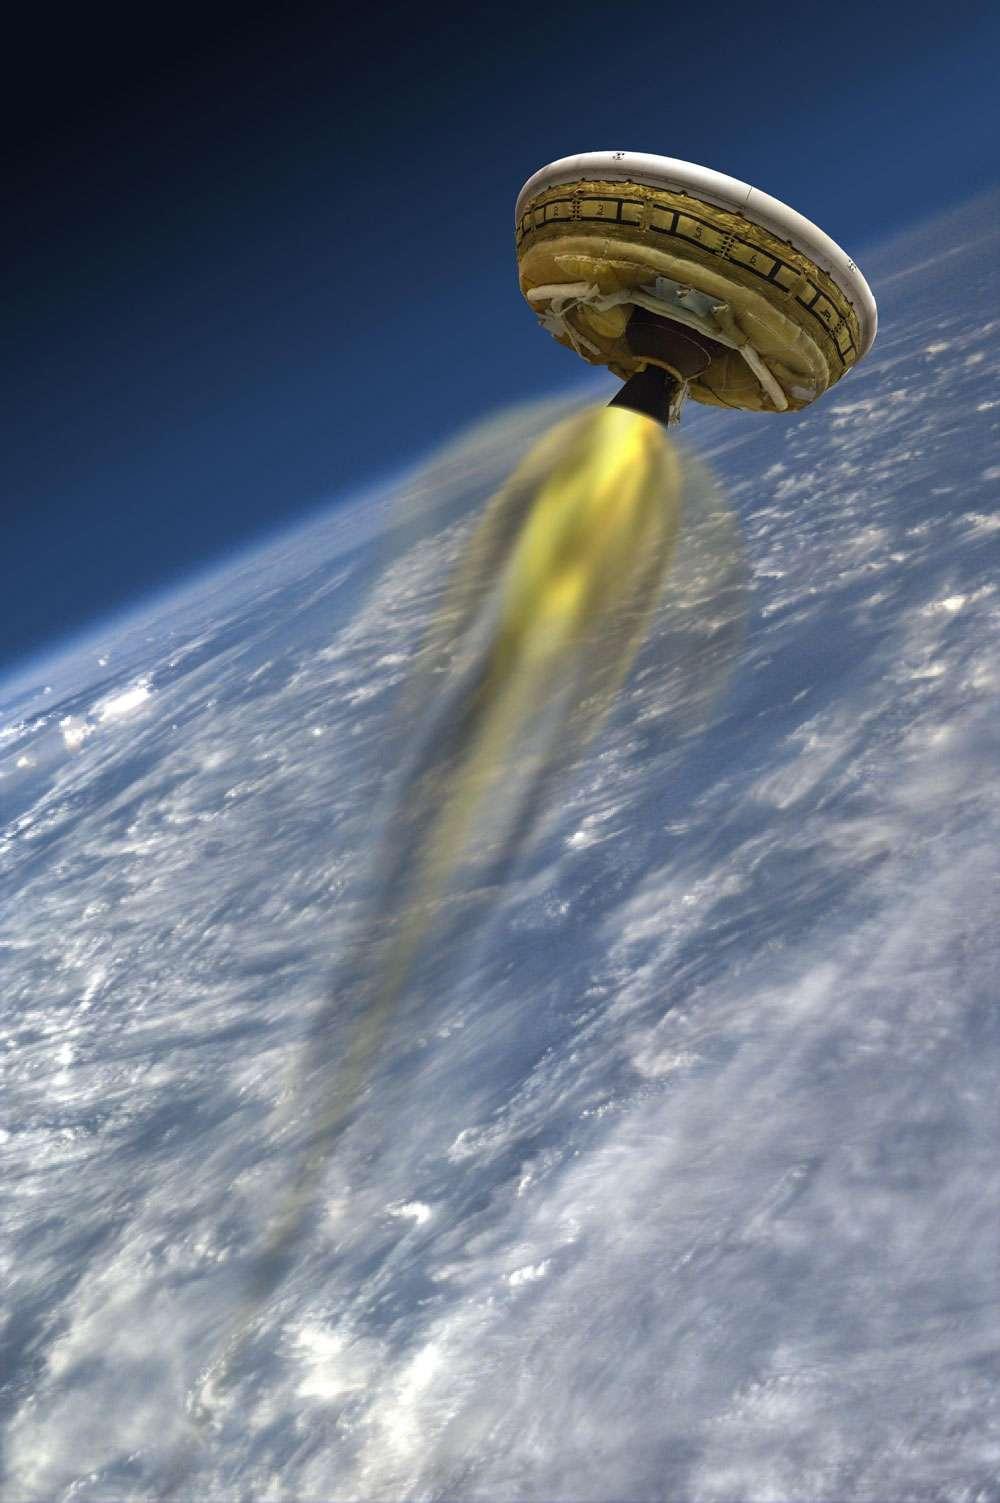 Vue d'artiste du prototype LDSD (Low-Density Supersonic Decelerator) qui, une fois gonflé, prend l'allure d'une soucoupe volante. Pour le test, il était propulsé par un moteur afin de reproduire, dans la stratosphère, les conditions d'une entrée dans l'atmosphère martienne. © Nasa